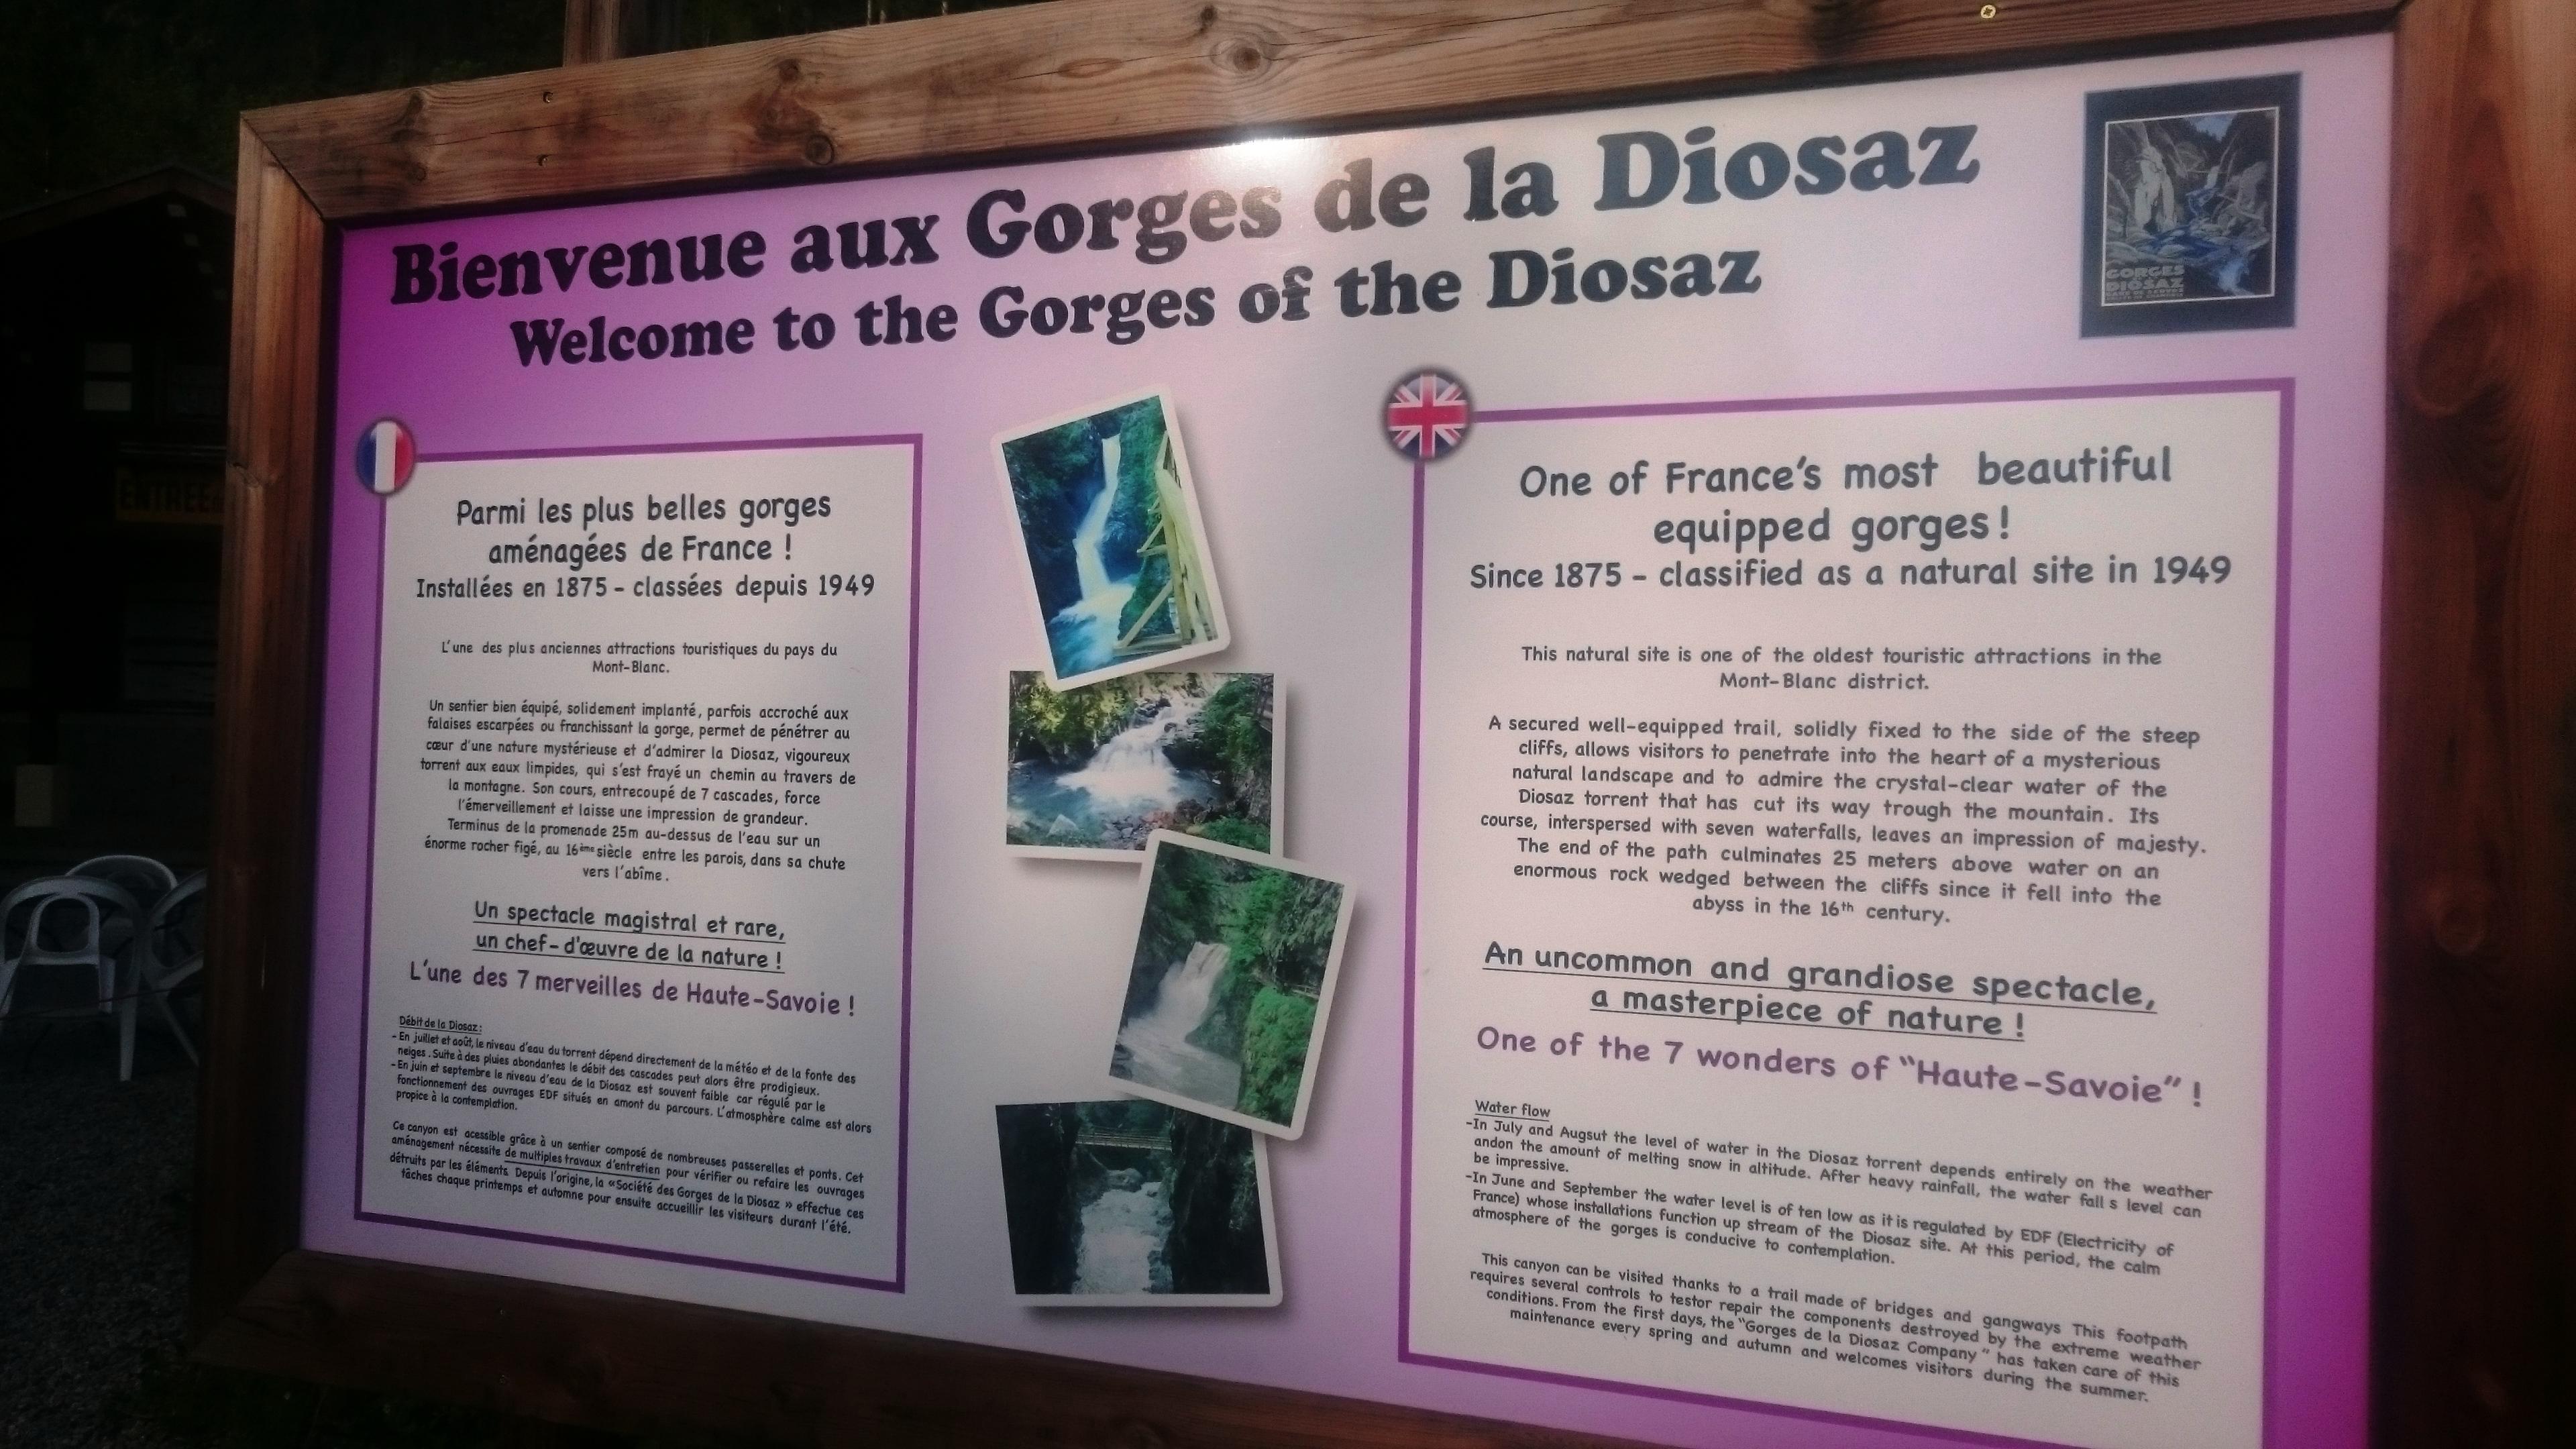 Gorges de la Diosaz